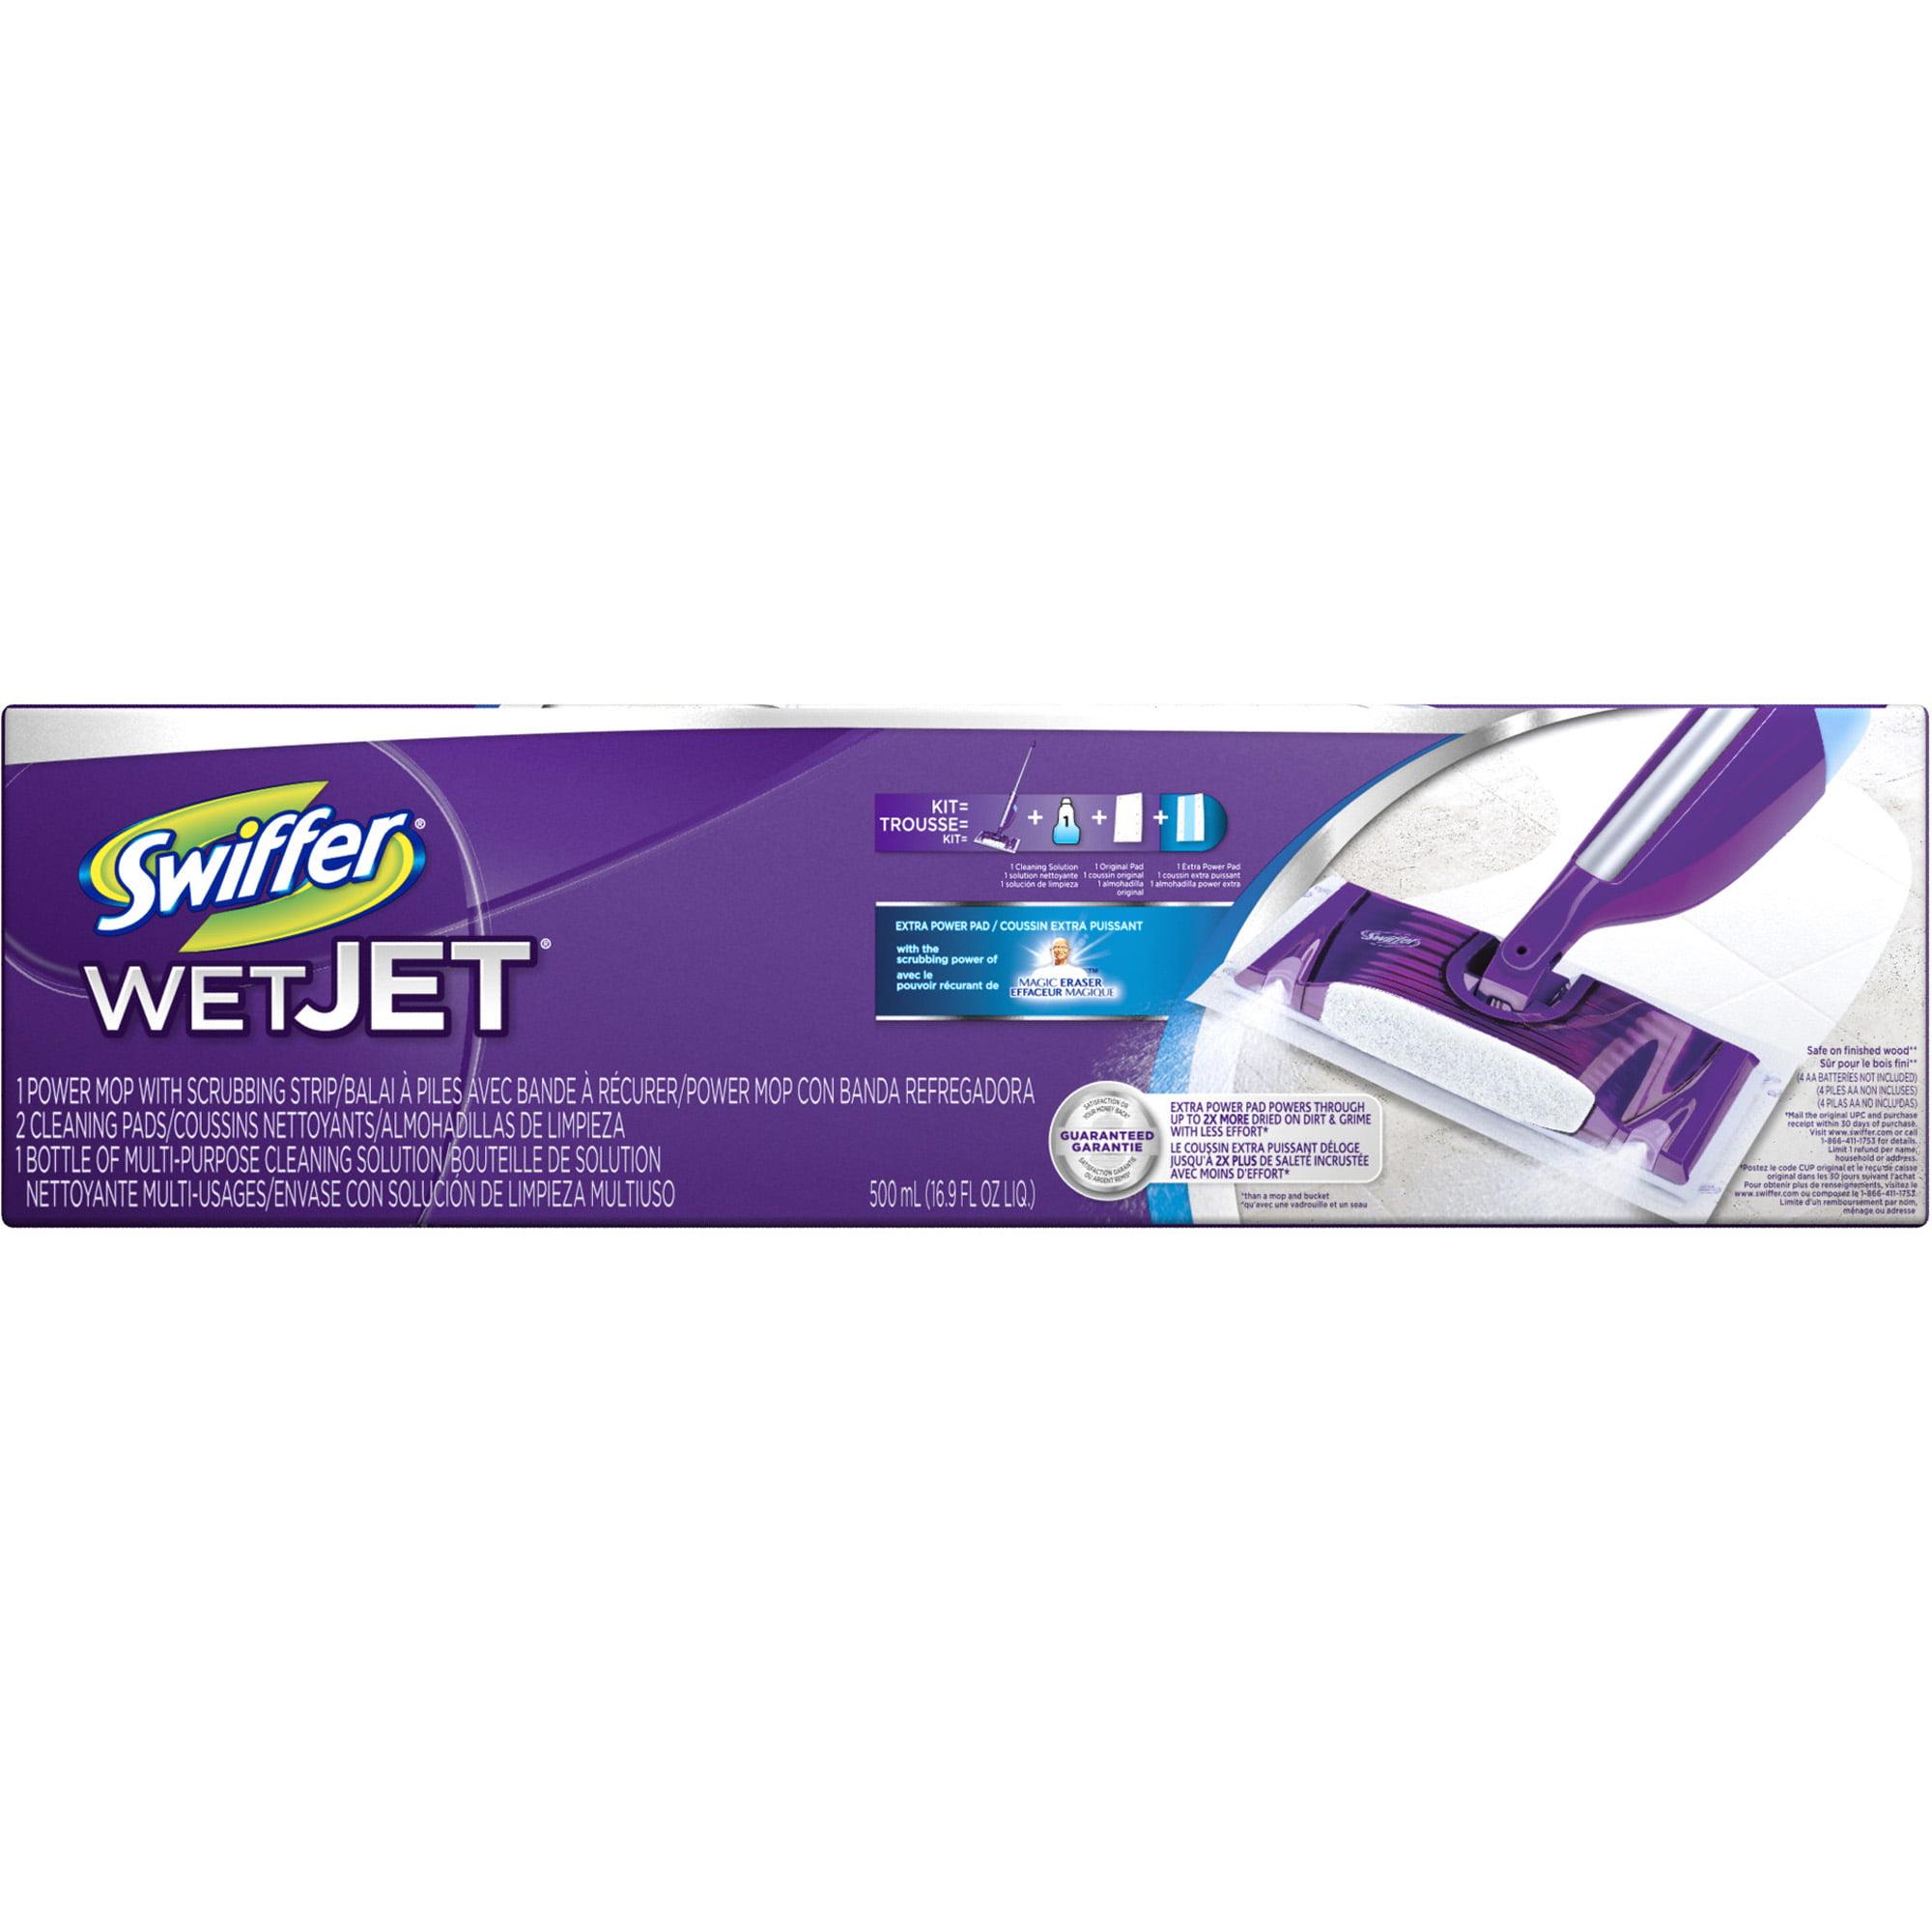 Swiffer Wetjet All In One Power Mop Kit